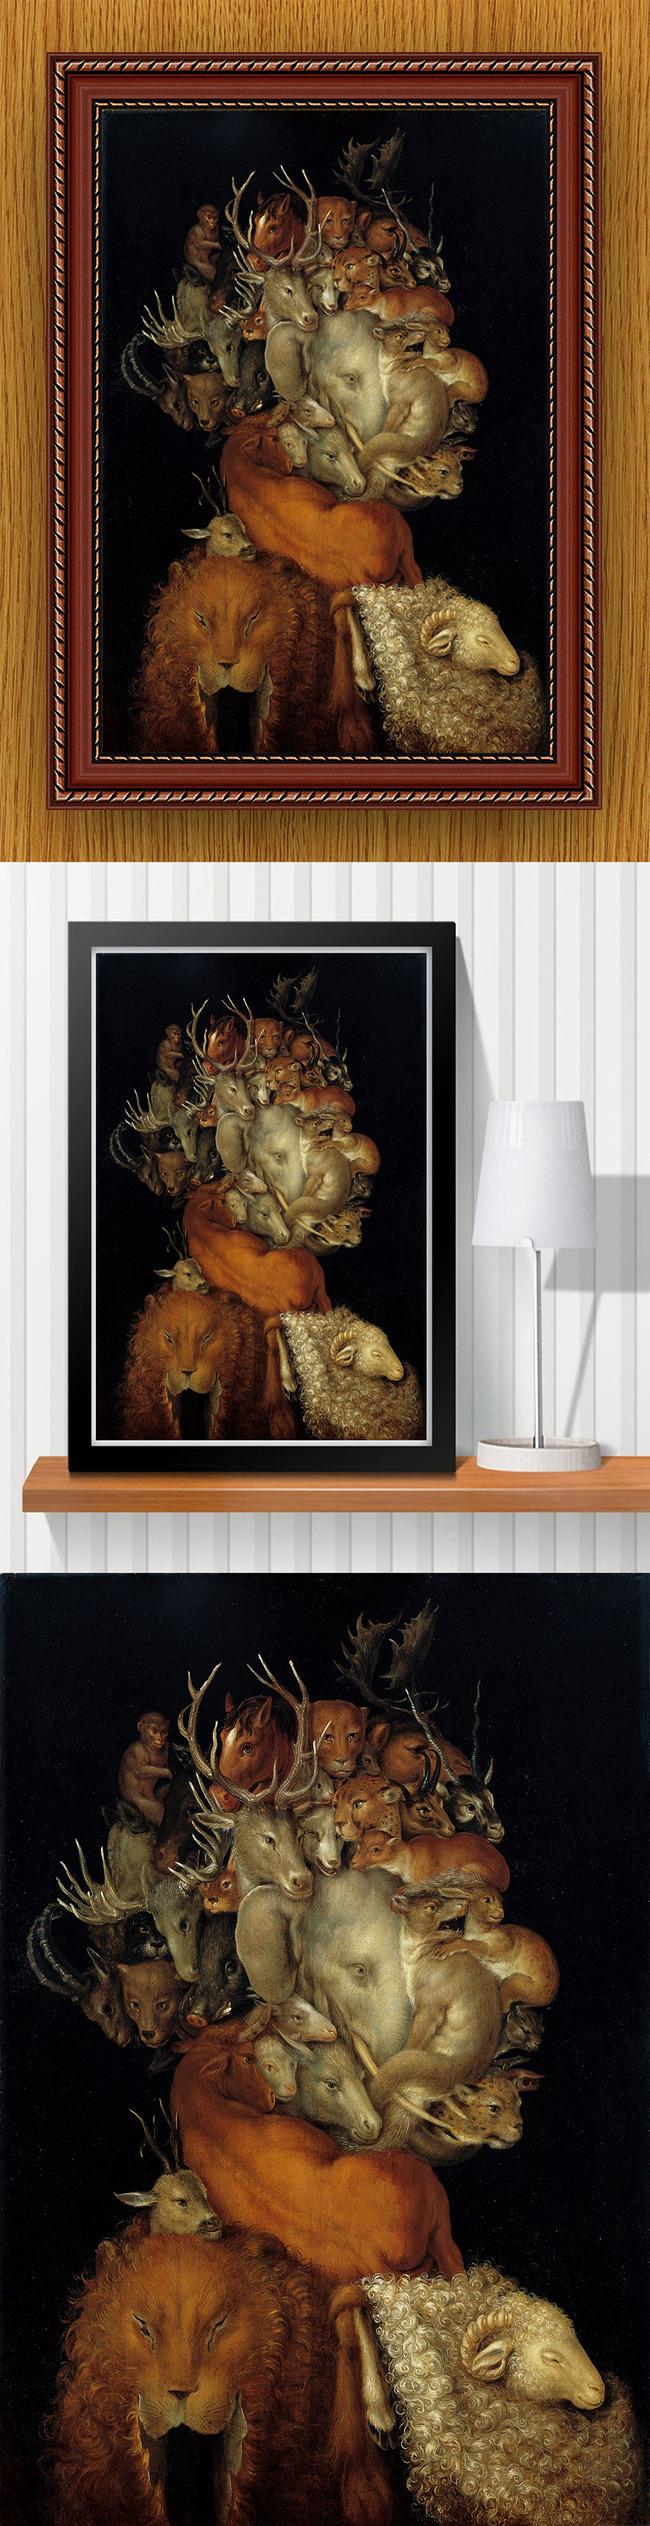 下载高清手绘现代风格抽象 超现实 细腻风格 动物 人像 头像 长方形